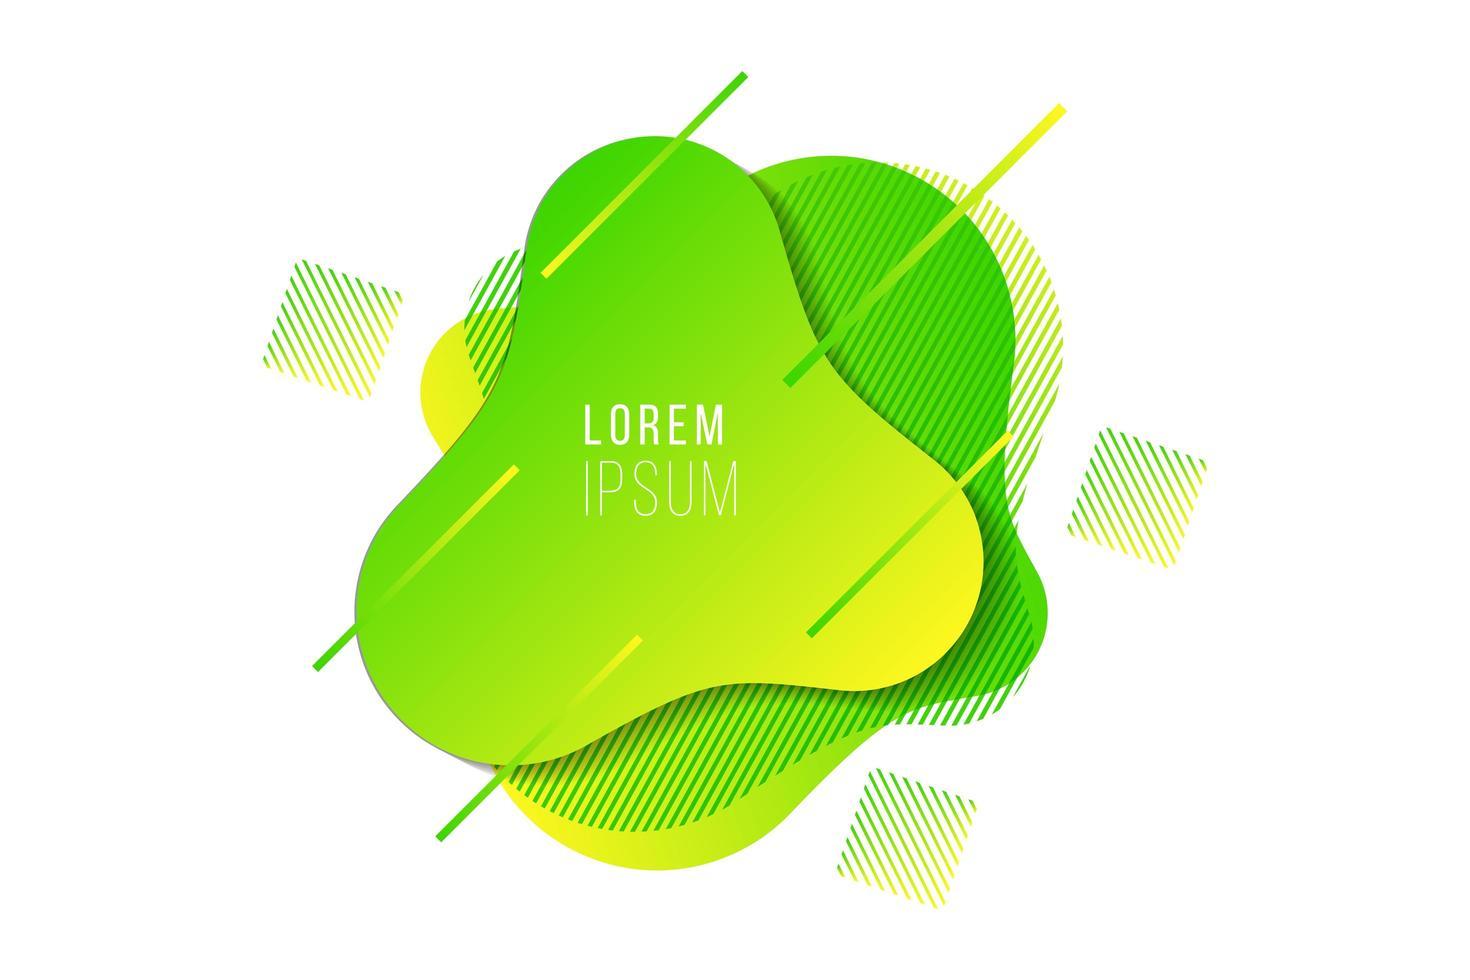 modernes grünes gelbes abstraktes Farbverlaufsfahnenelement vektor